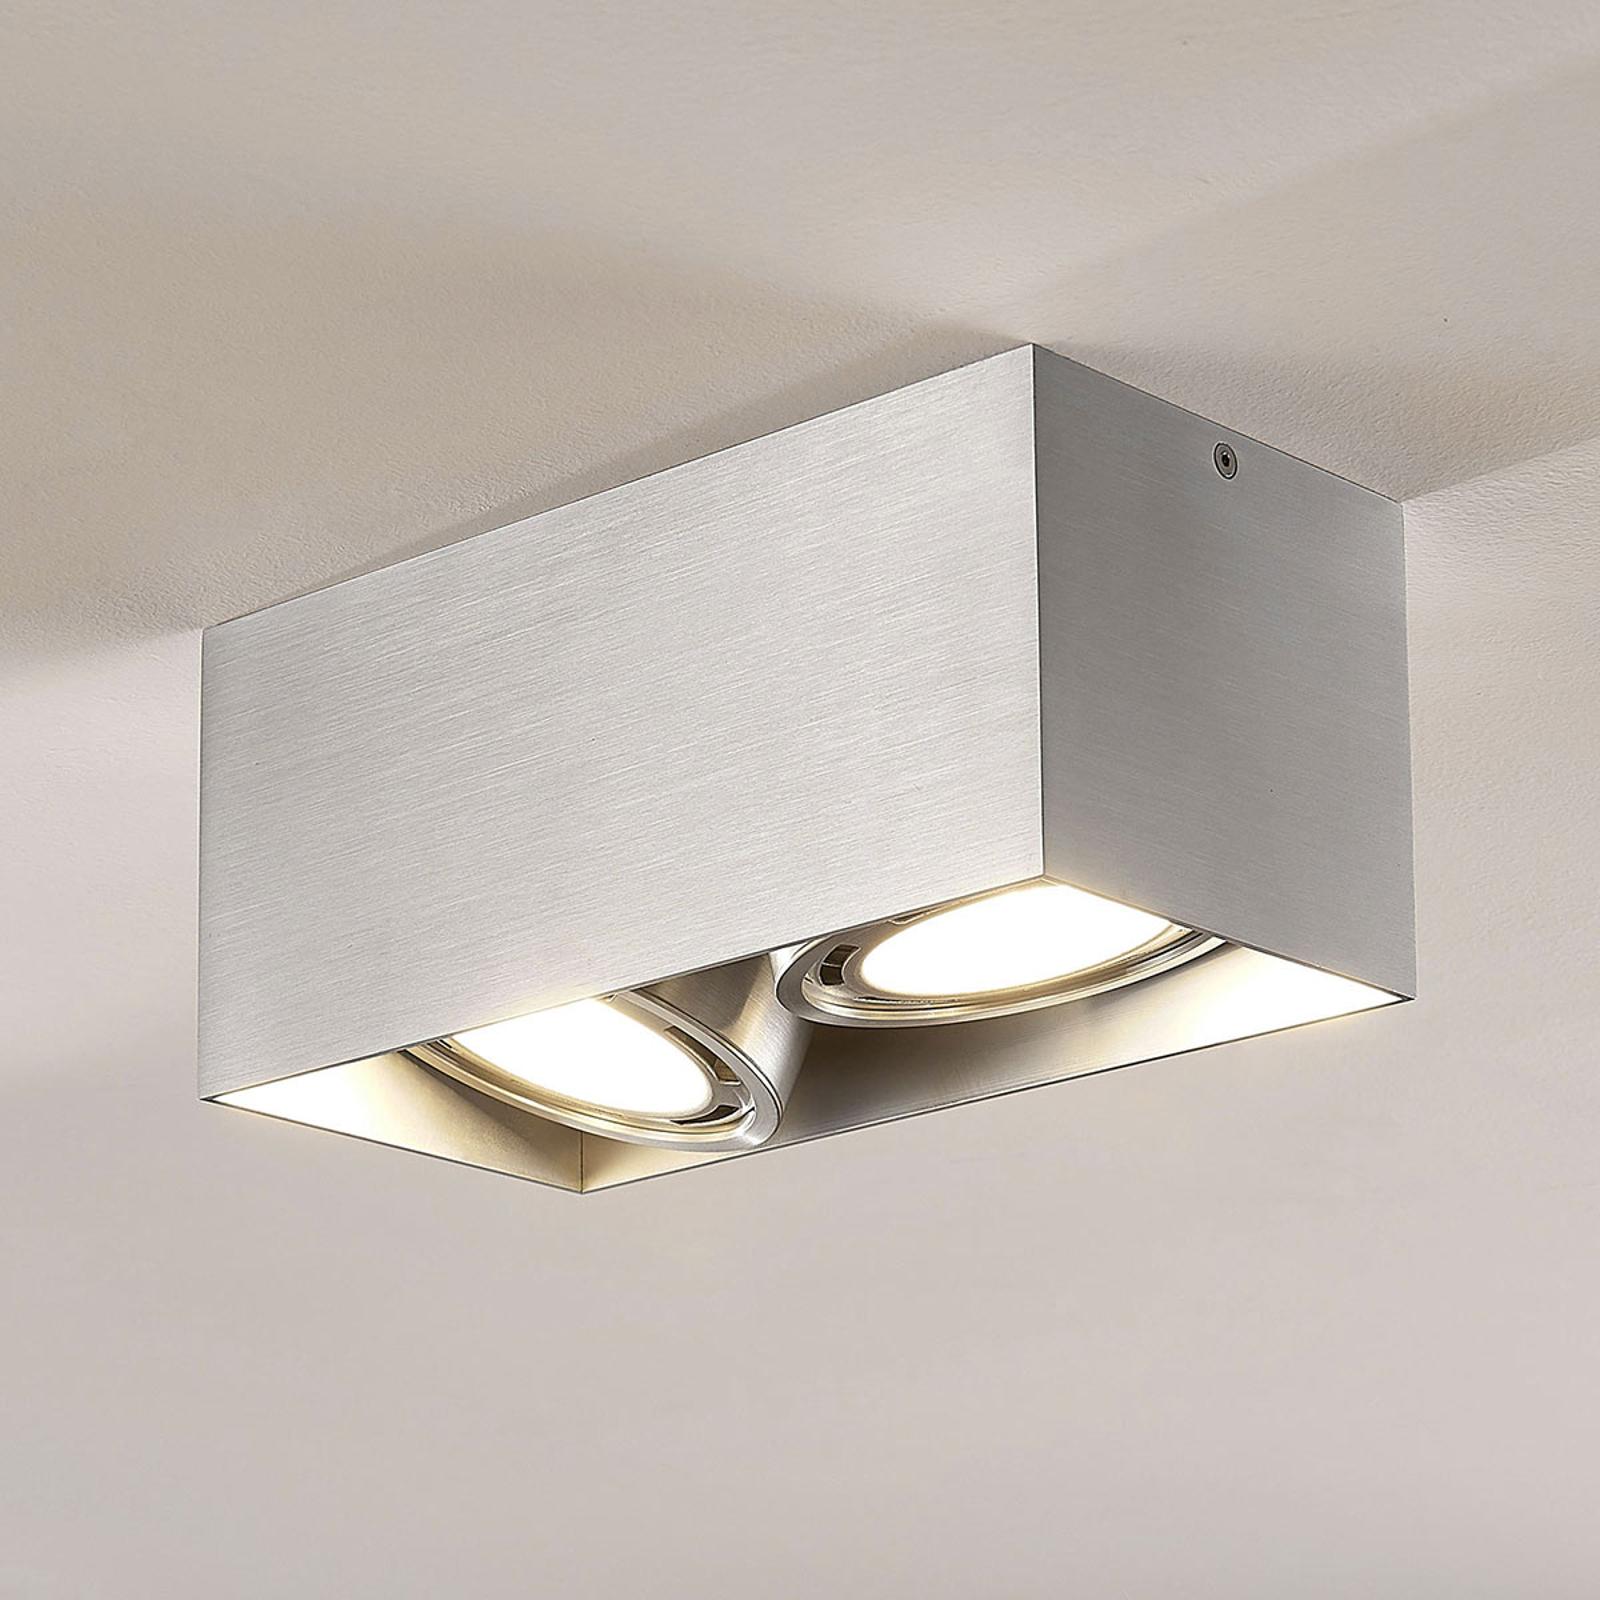 LED downlight Rosalie dimbaar hoekig 2-lamps alu